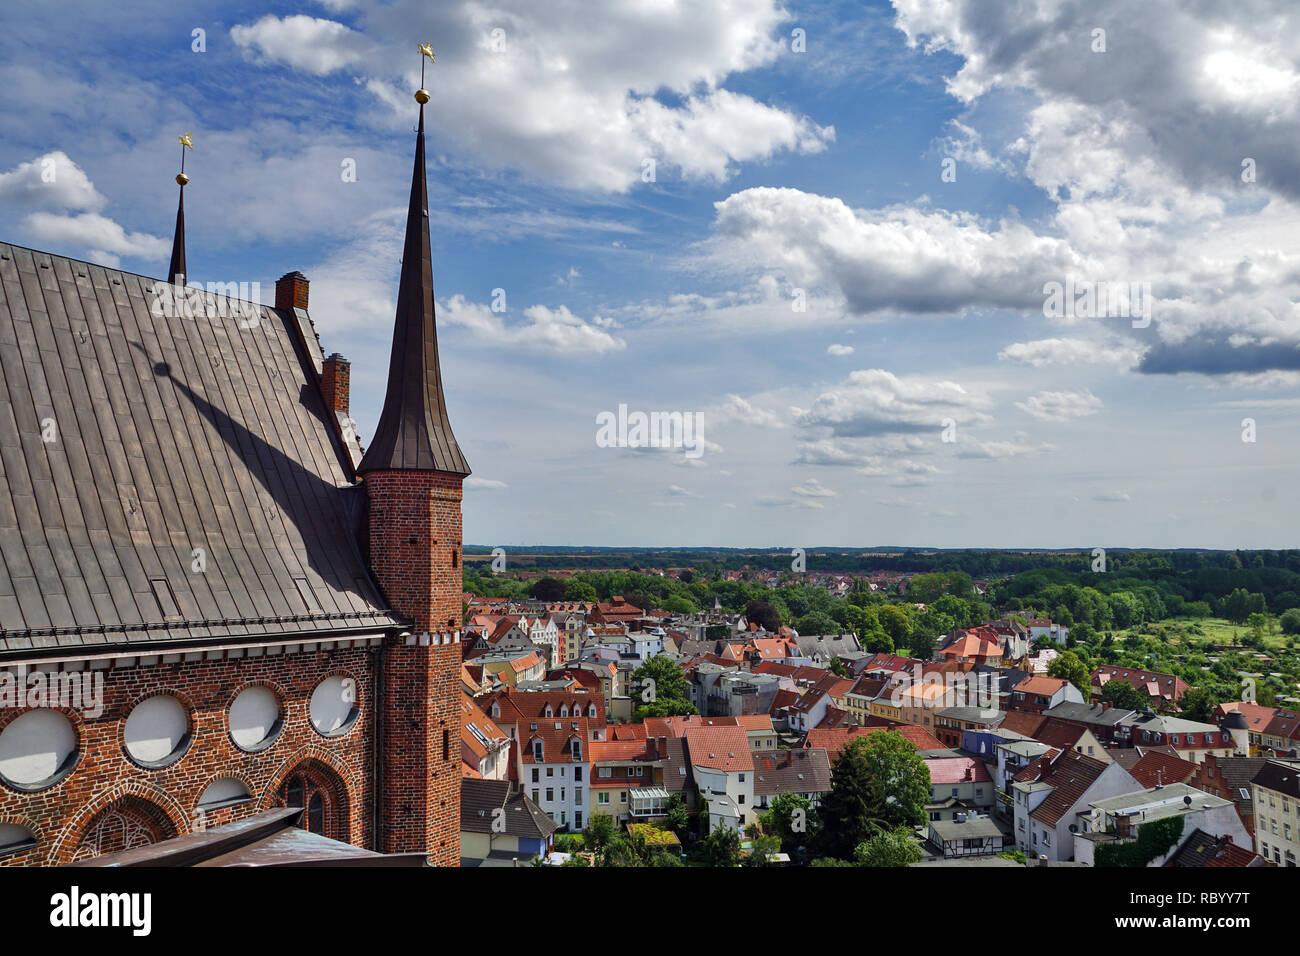 Panorama of Wismar with St. Nikolai - Stock Image